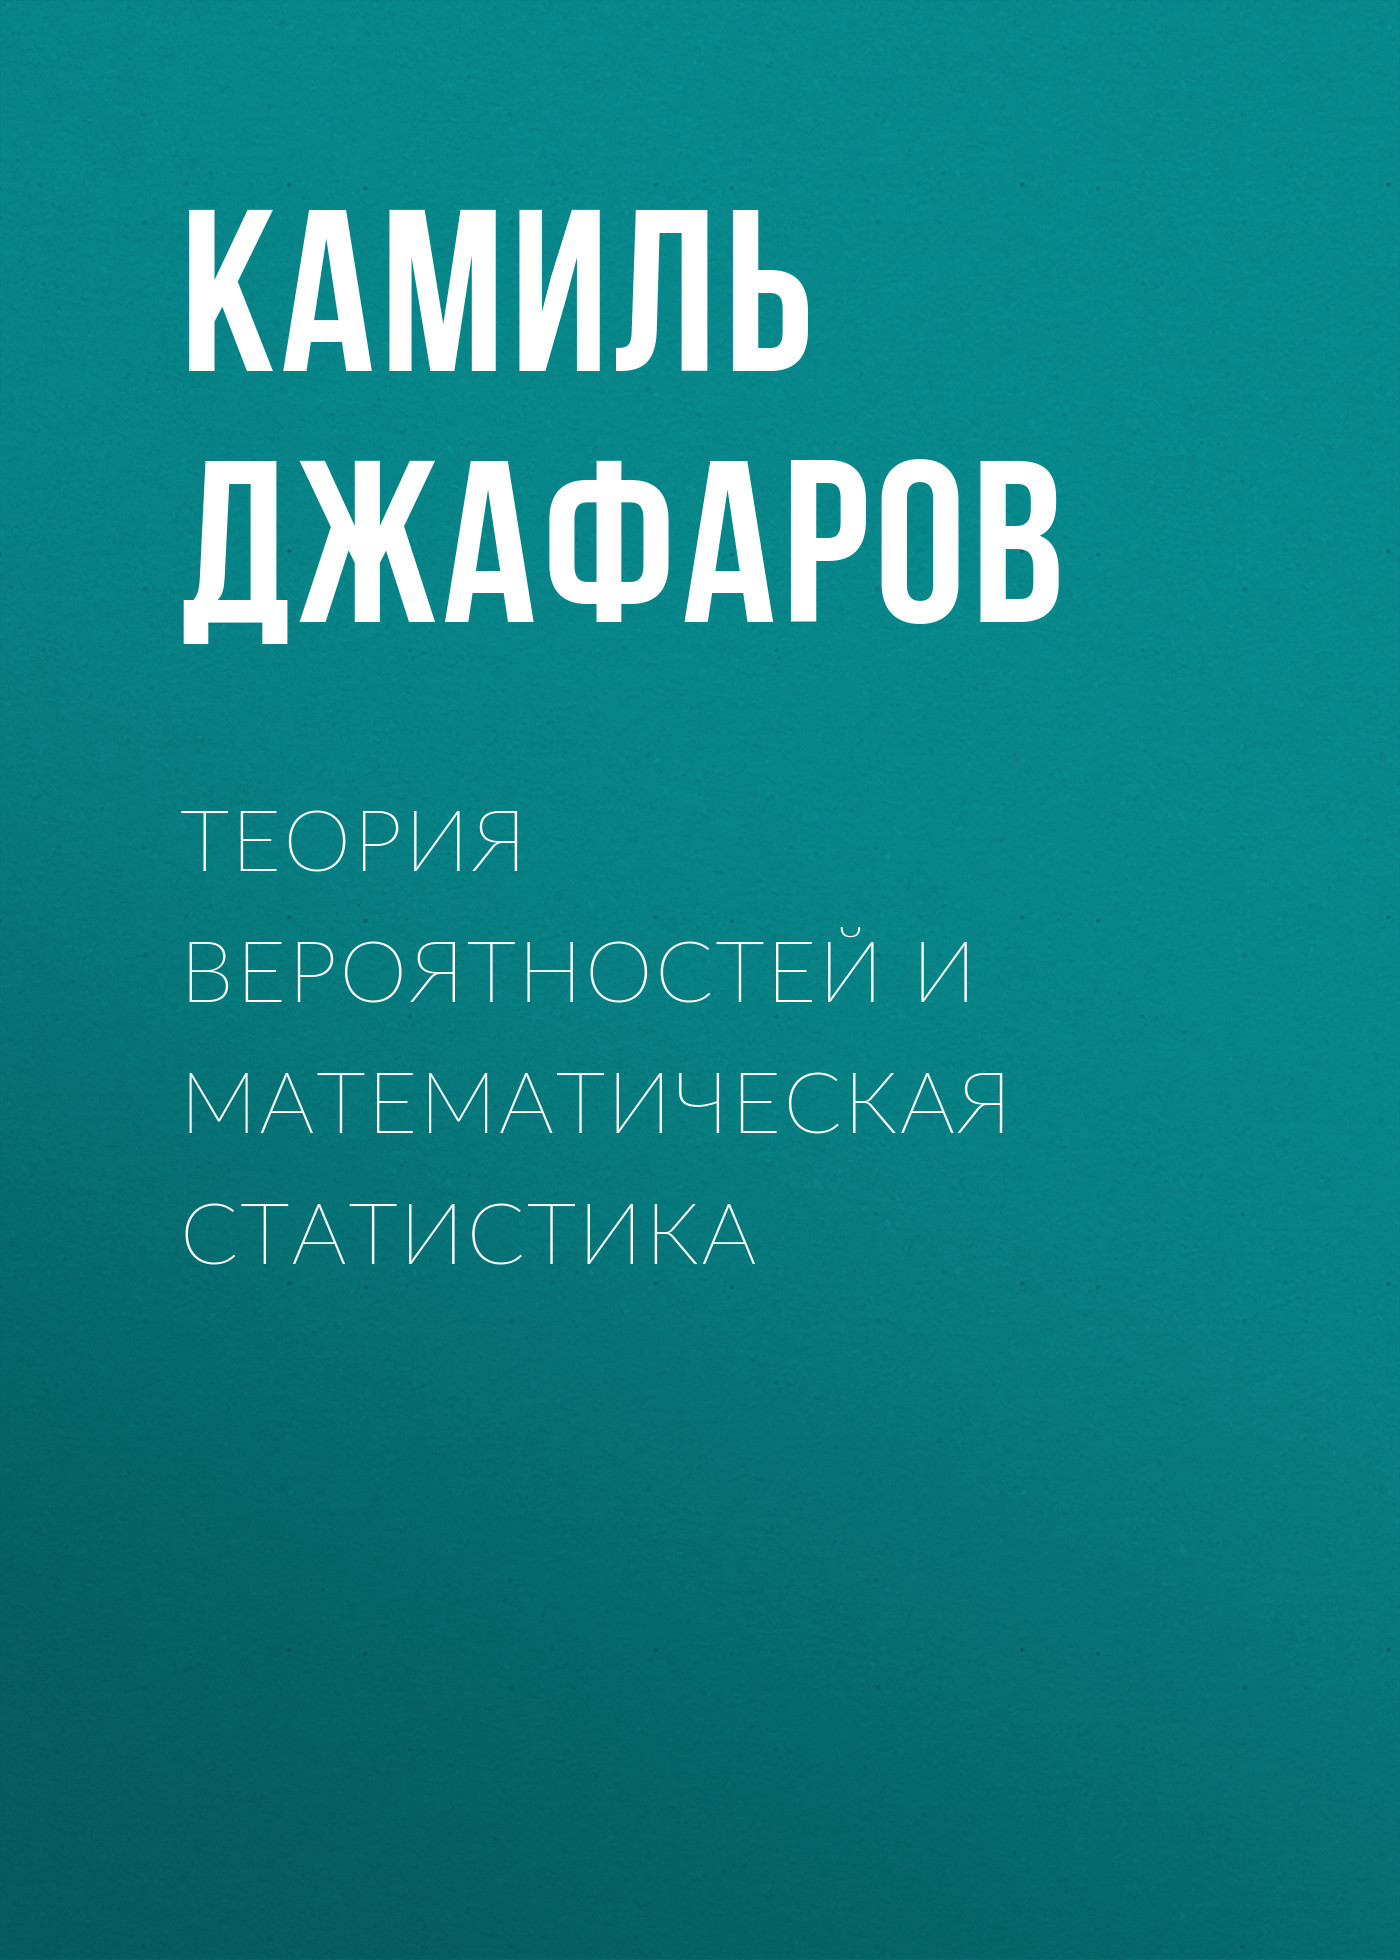 Камиль Джафаров Теория вероятностей и математическая статистика